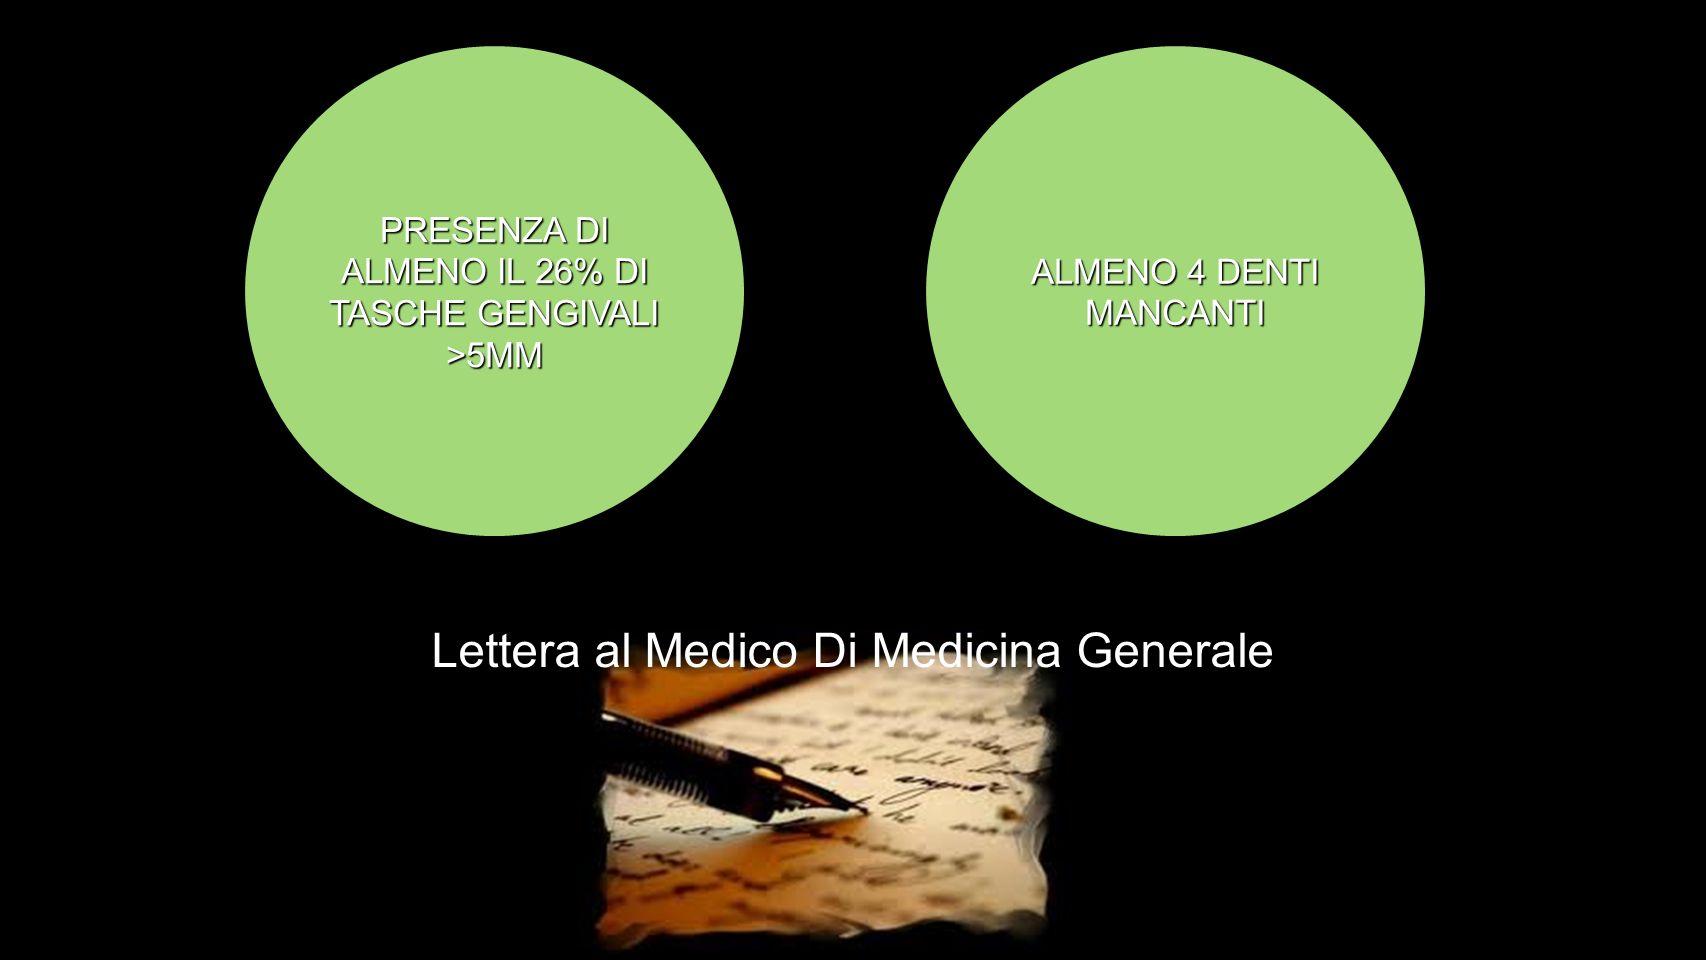 Lettera al Medico Di Medicina Generale